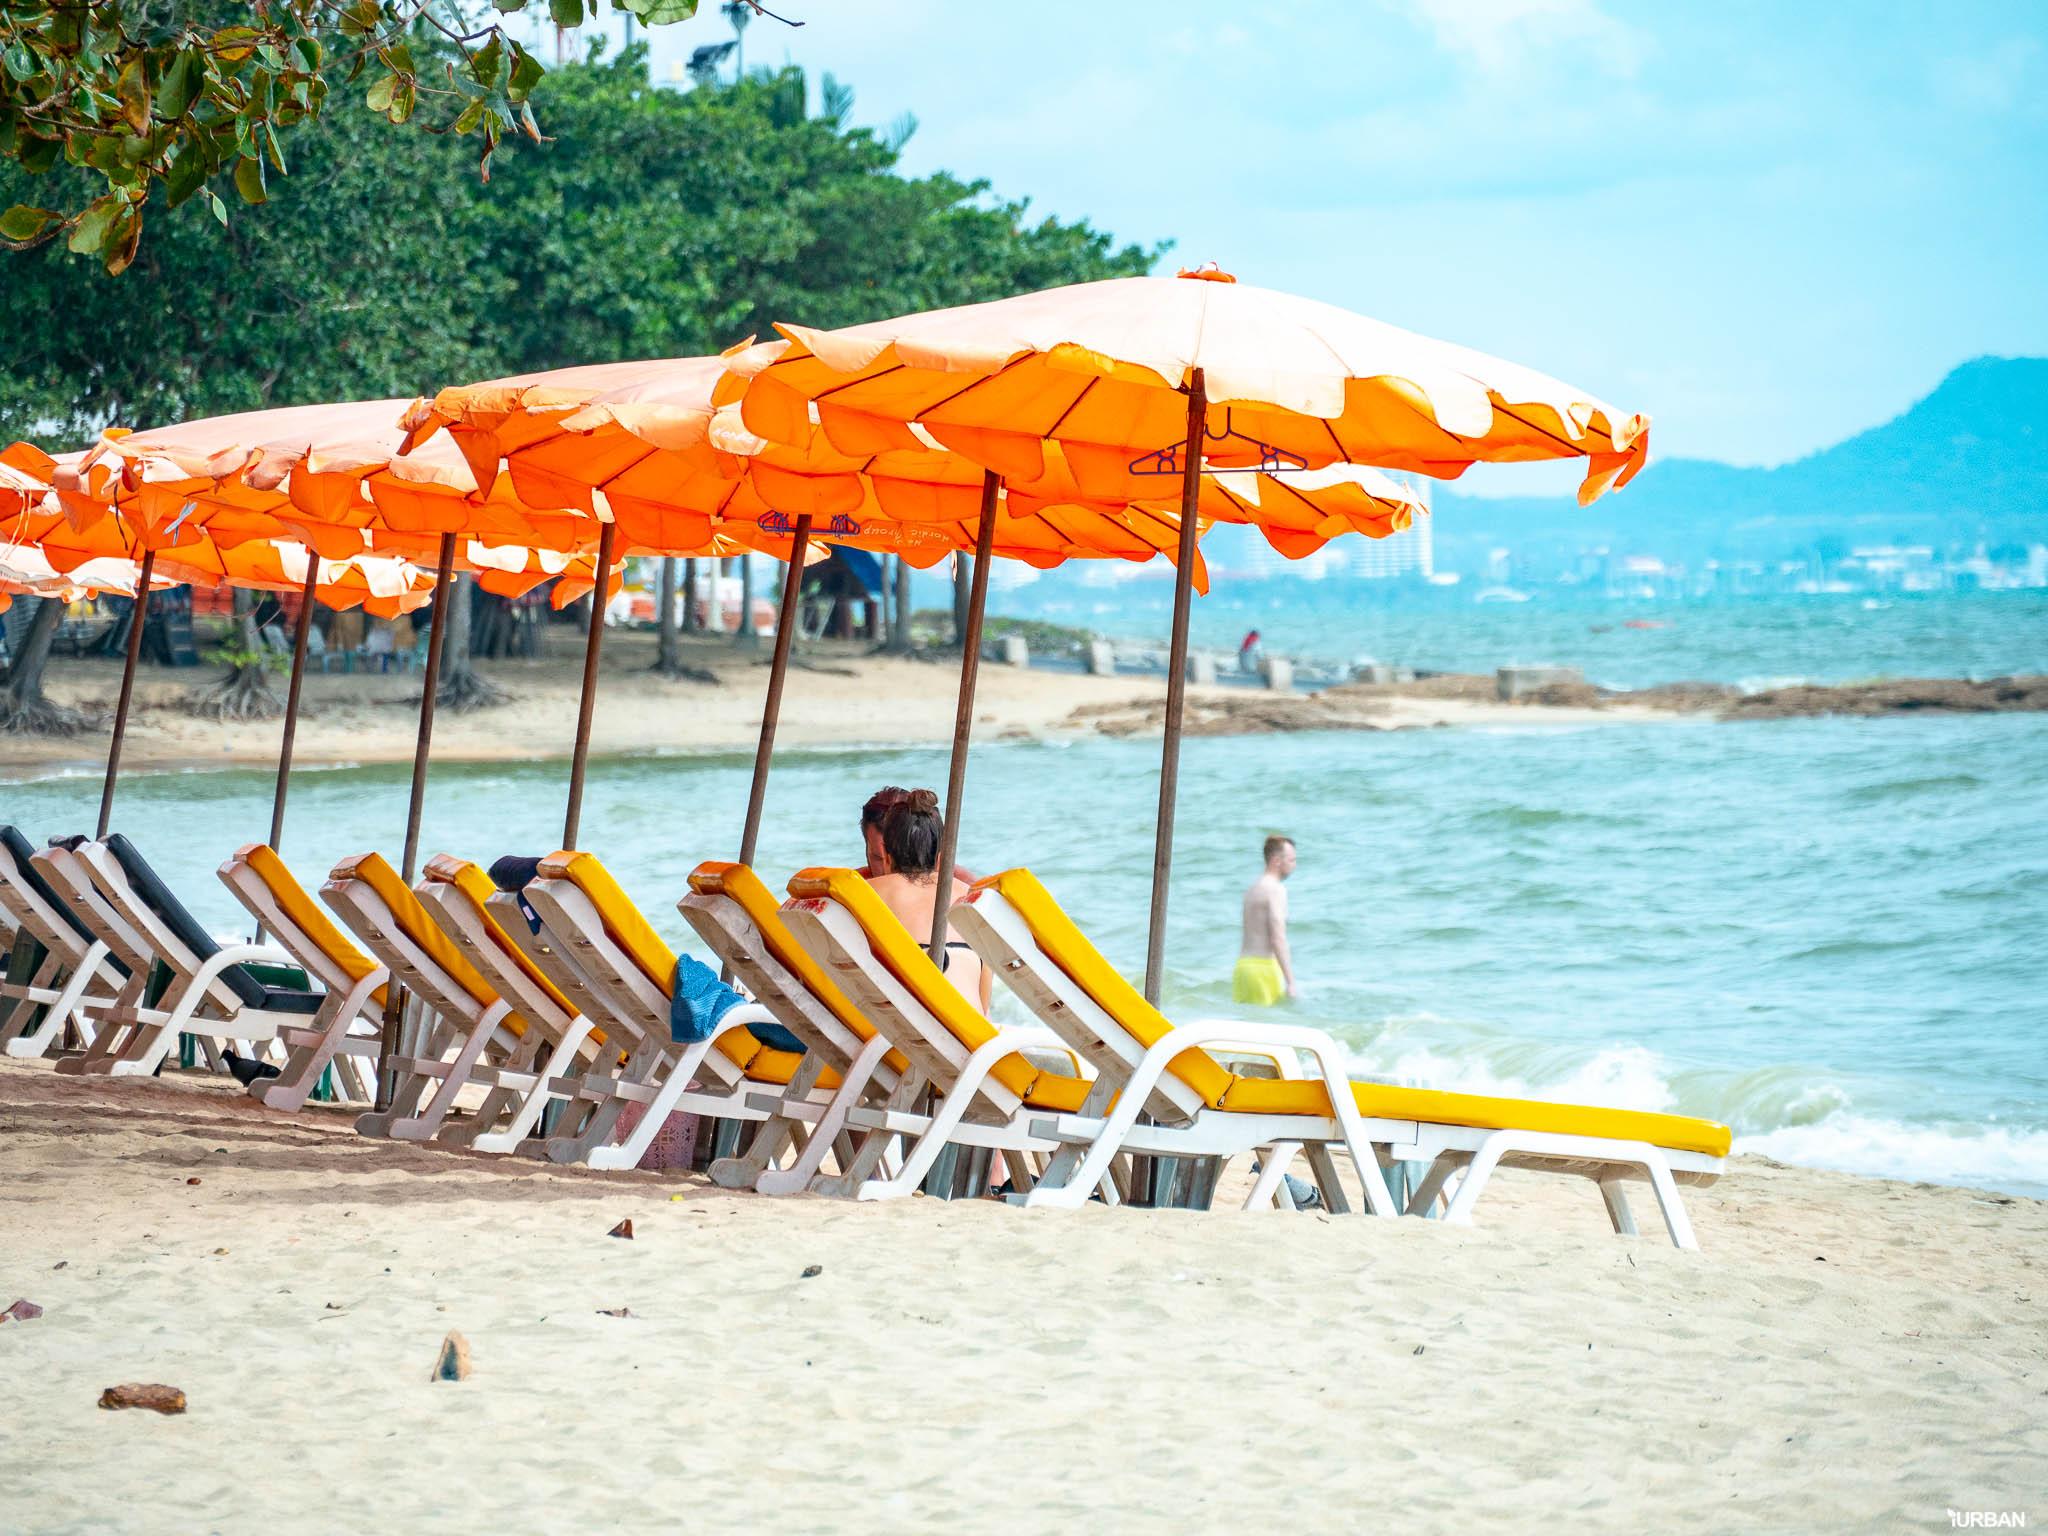 7 ชายหาดทะเลพัทยา ที่ยังสวยสะอาดน่าเที่ยวใกล้กรุงเทพ ไม่ต้องหนีร้อนไปไกล ก็พักได้ ชิลๆ 144 - Beach